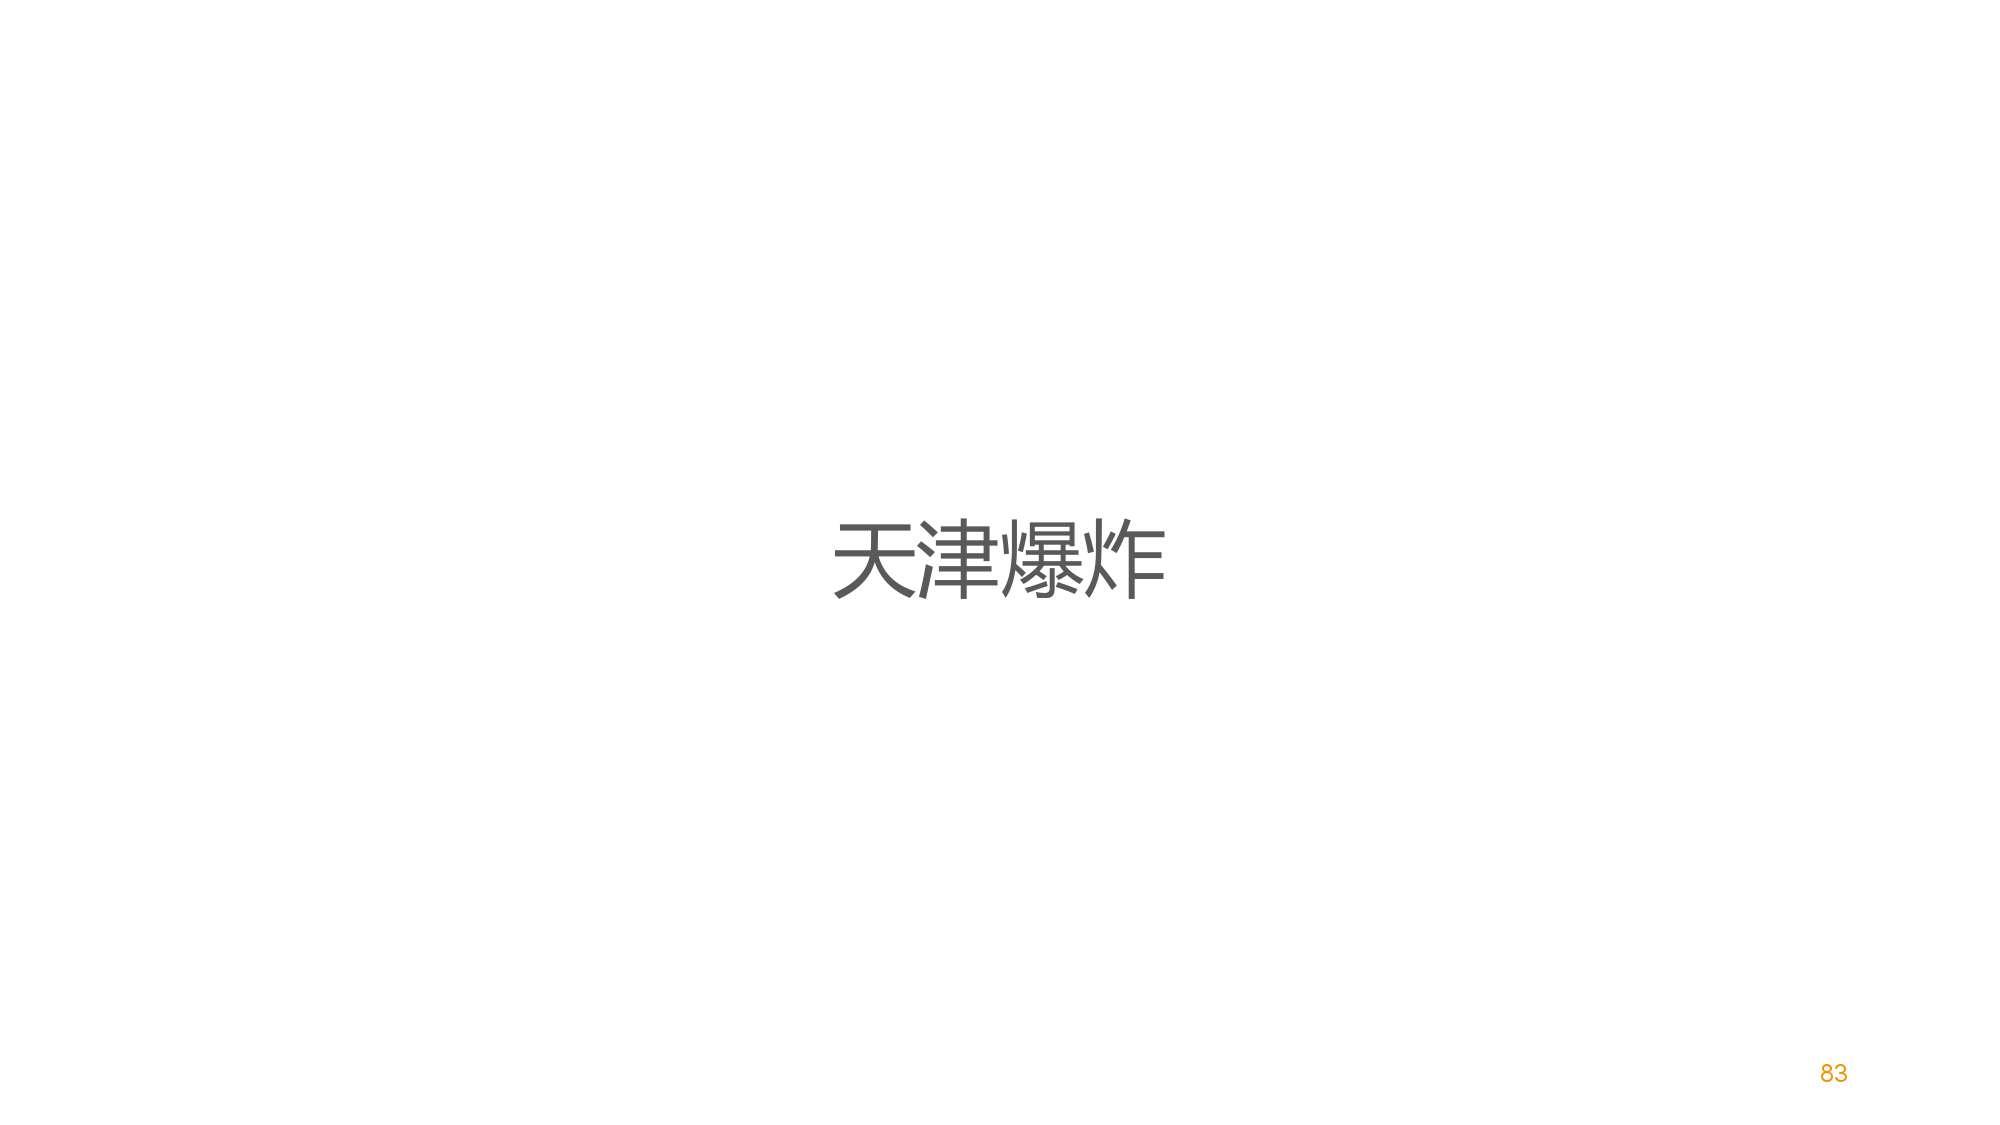 中国智能出行2015大数据报告_000083